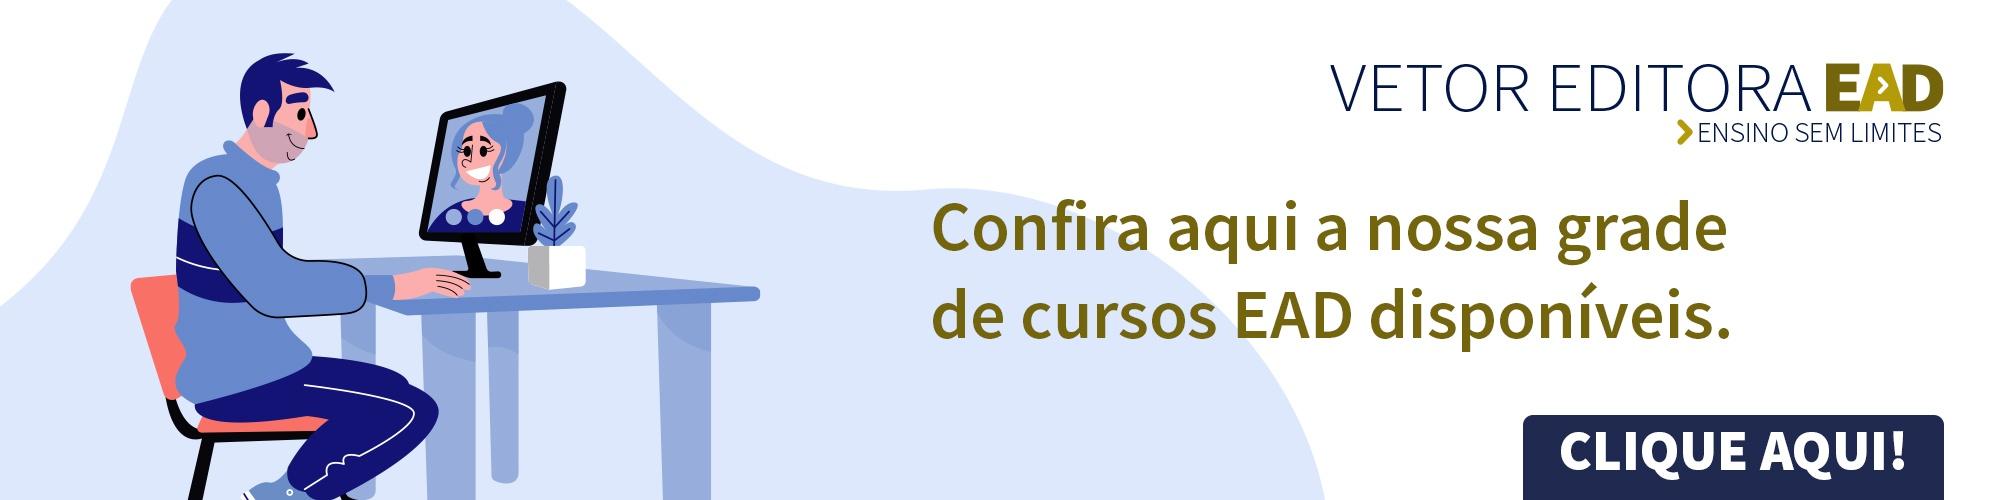 CURSOS EAD VETOR EDITORA